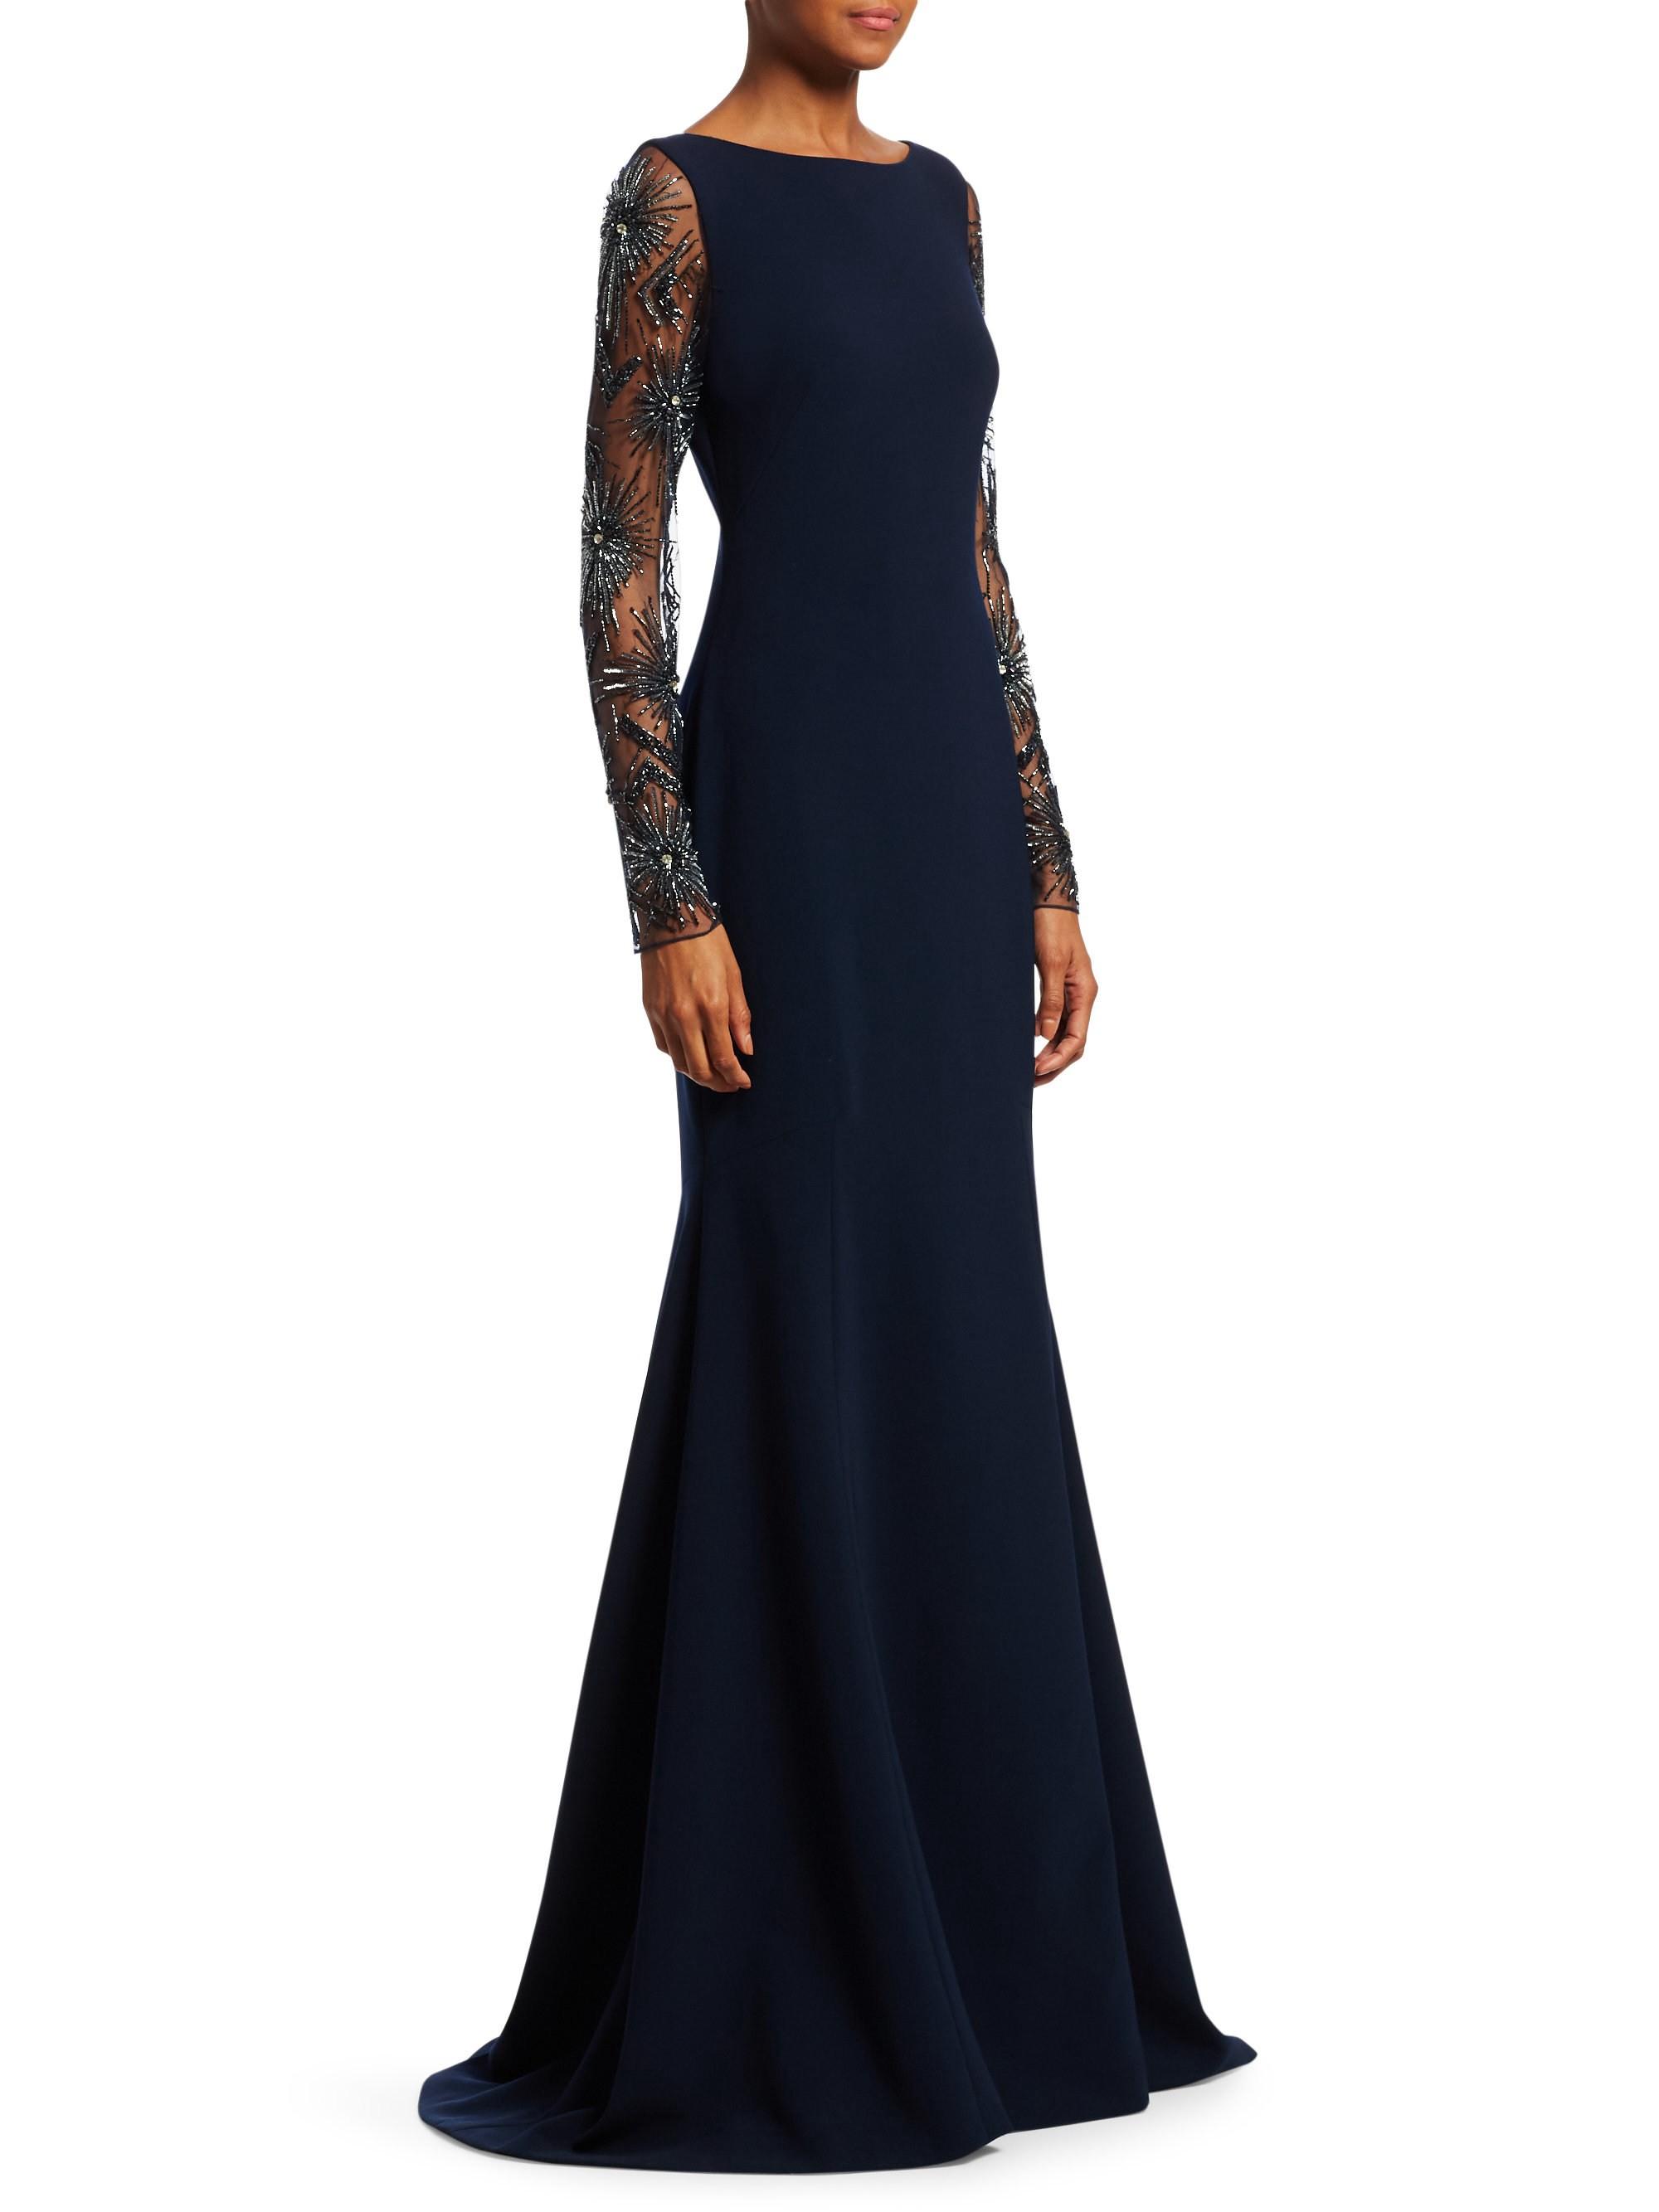 598592577ed Theia Starburst Beaded Mermaid Gown - Navy 0